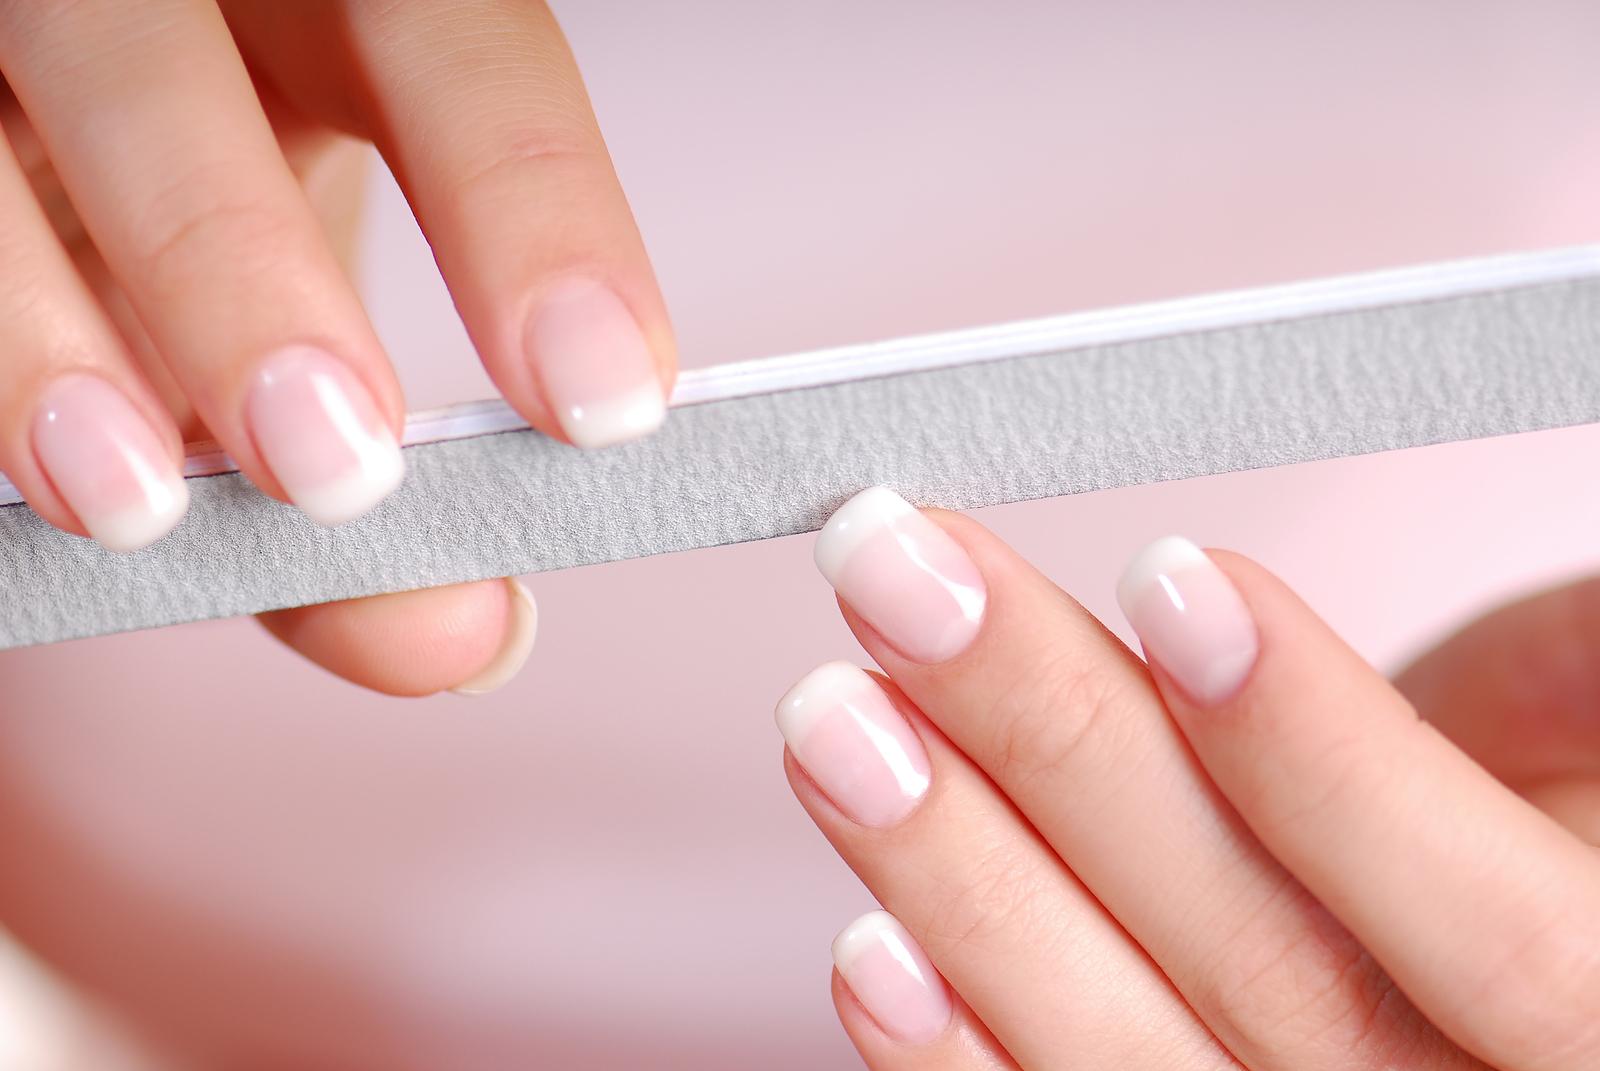 Dũa móng tay sau khi cắt